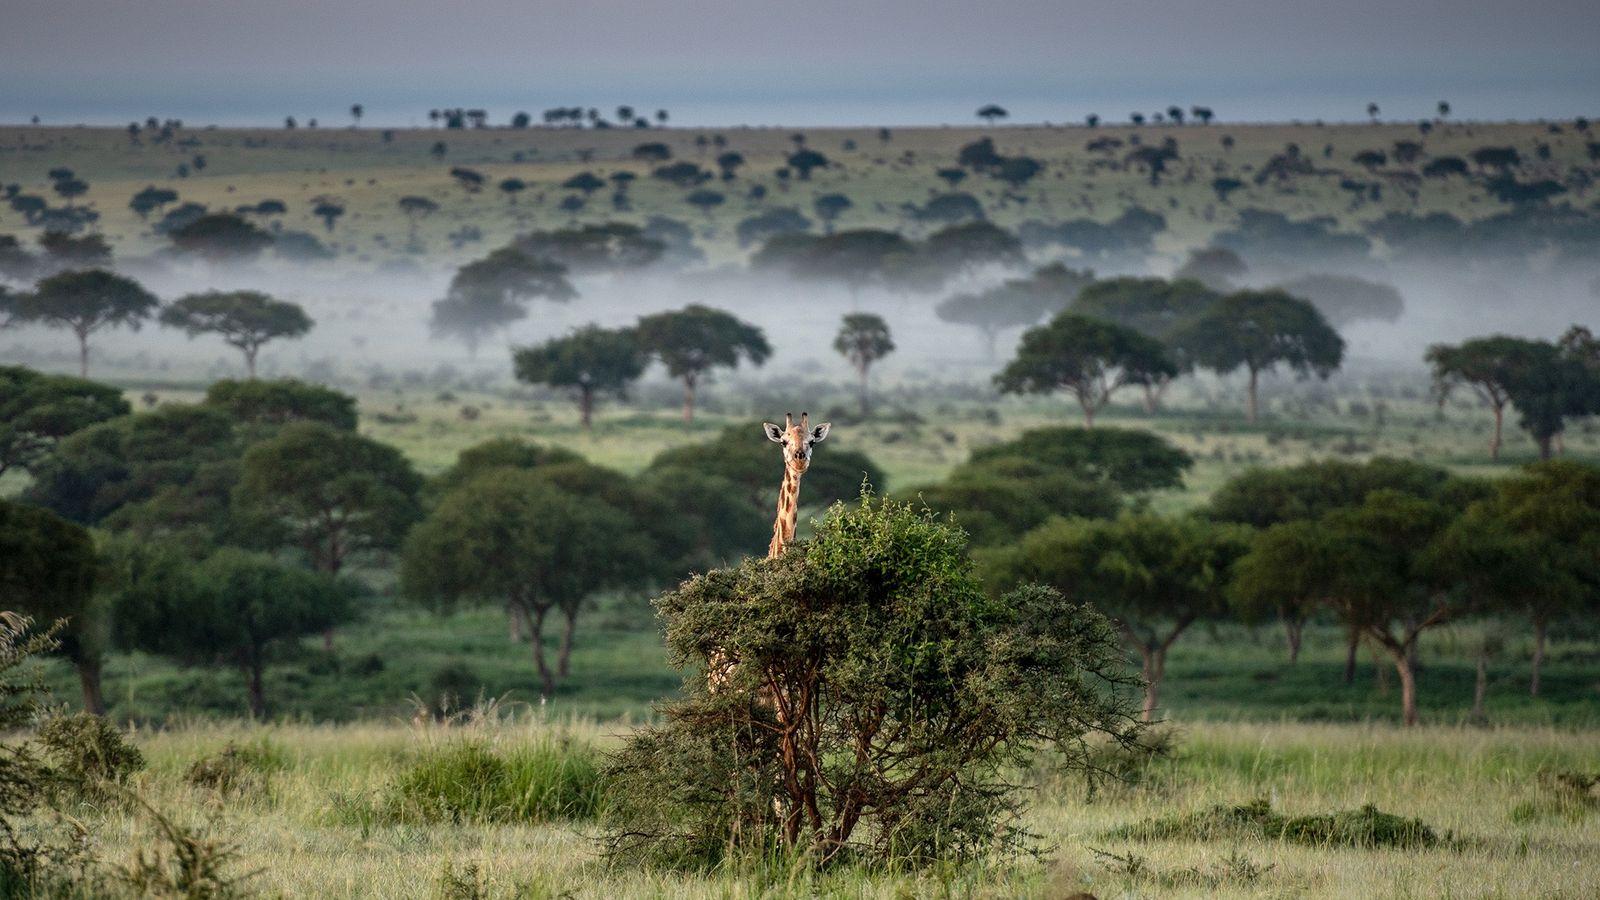 Le parc national des chutes de Murchison est une place forte pour les dernières girafes d'Ouganda. ...